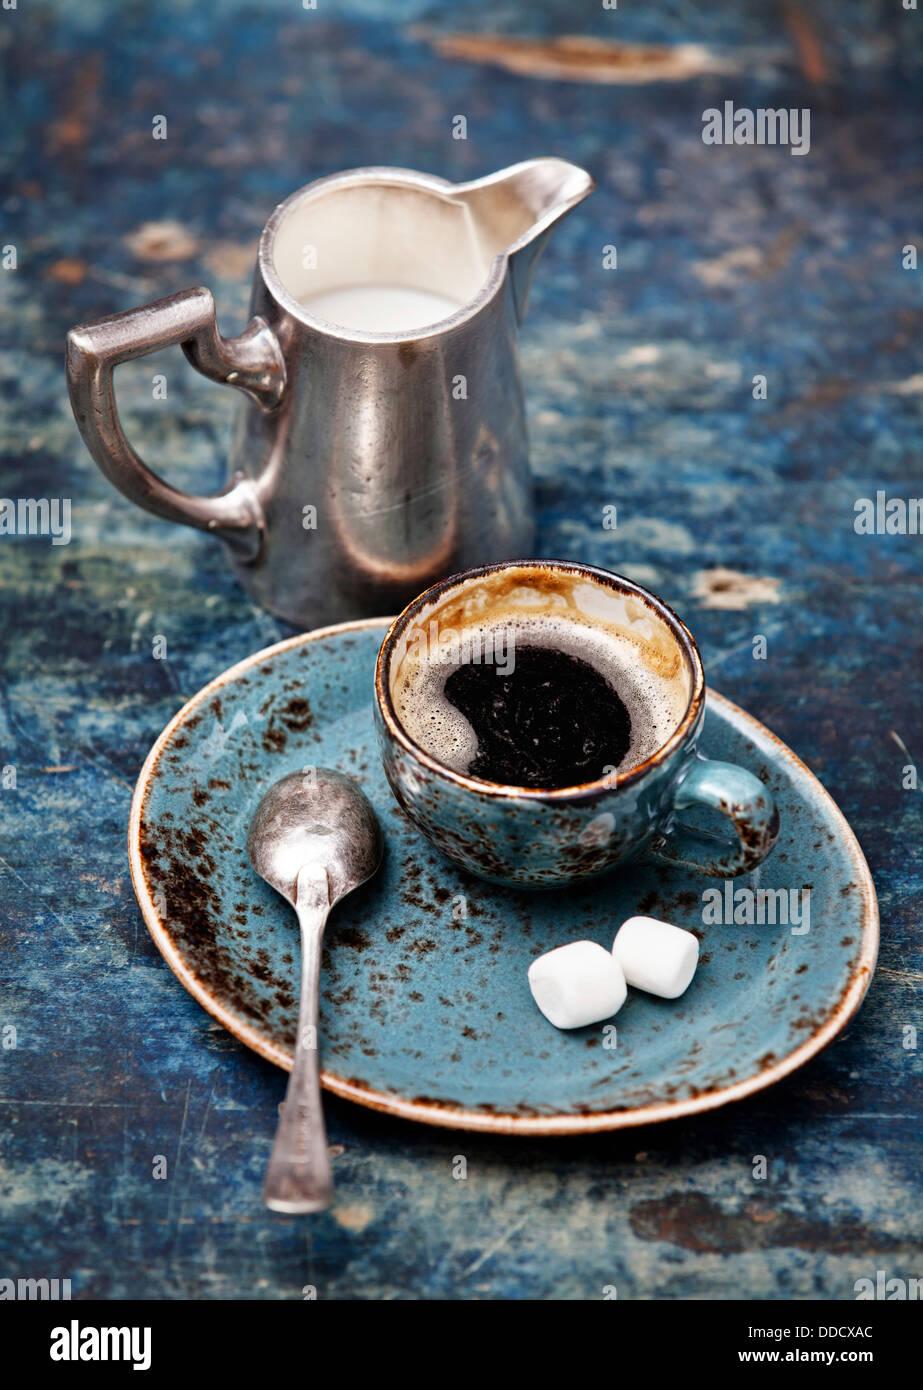 Tazza da caffè su sfondo blu Immagini Stock